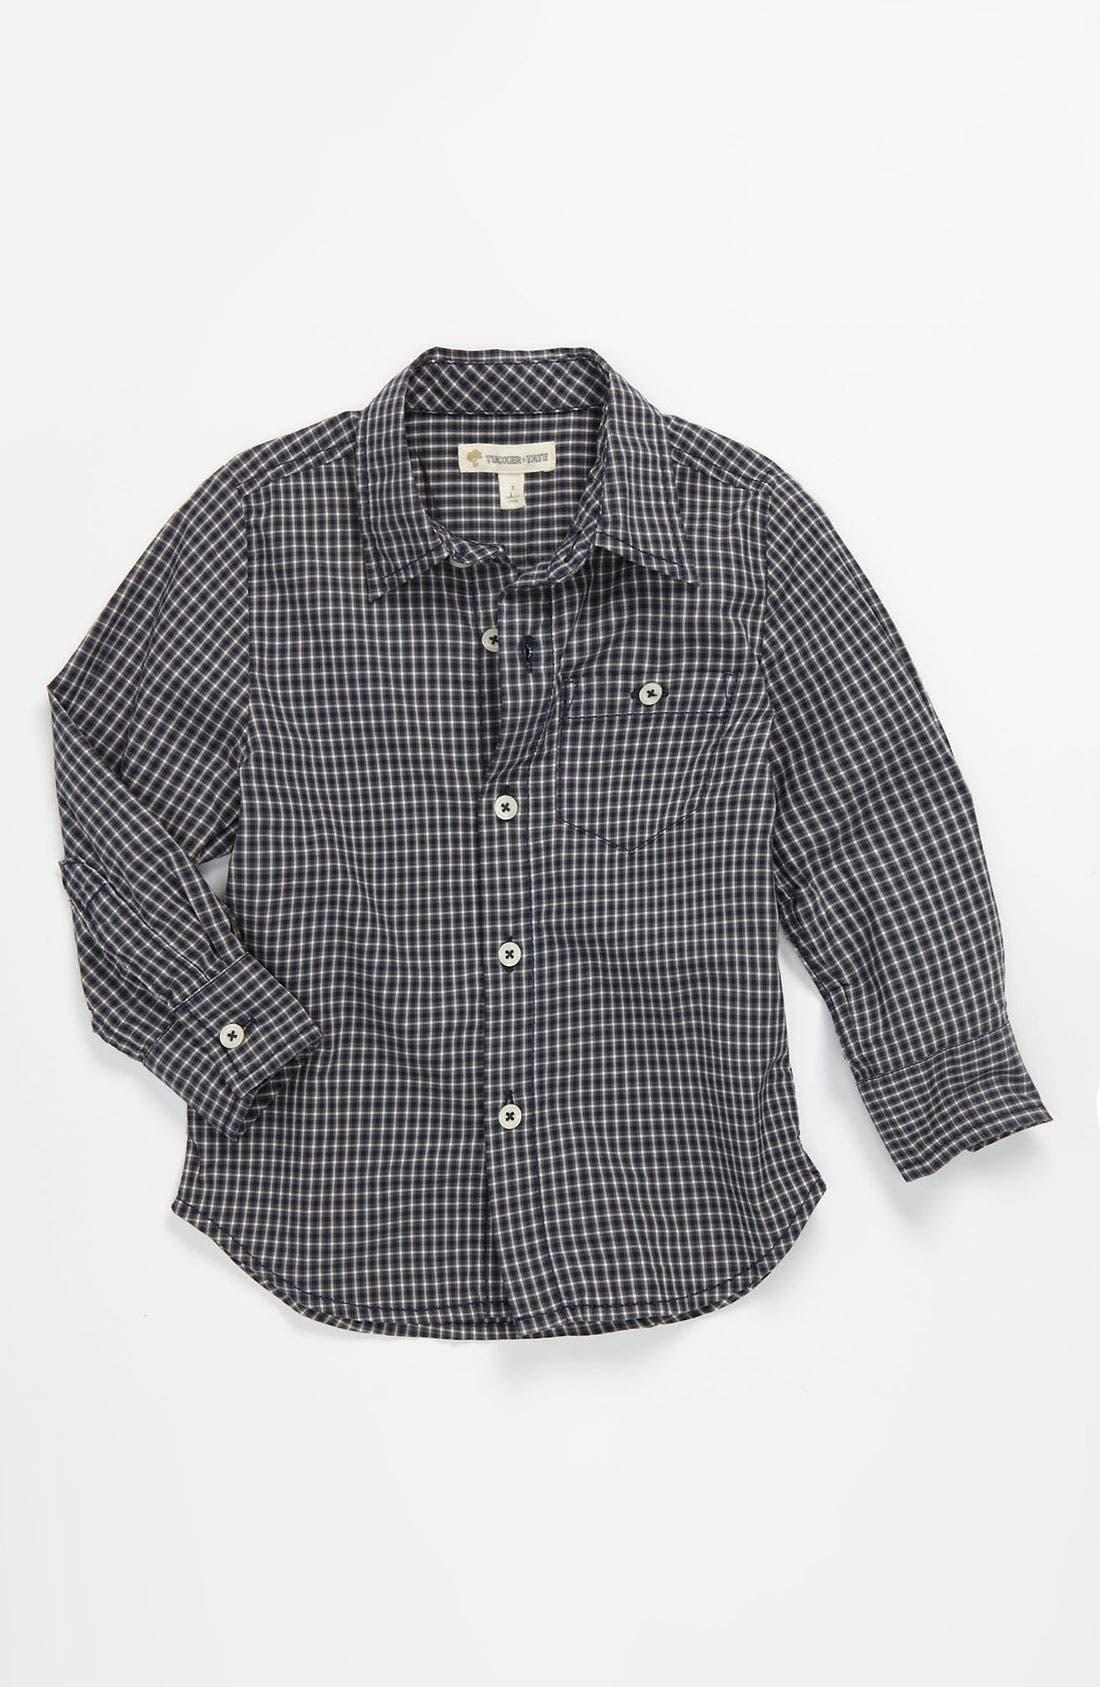 Alternate Image 1 Selected - Tucker + Tate 'Allister' Poplin Shirt (Toddler)